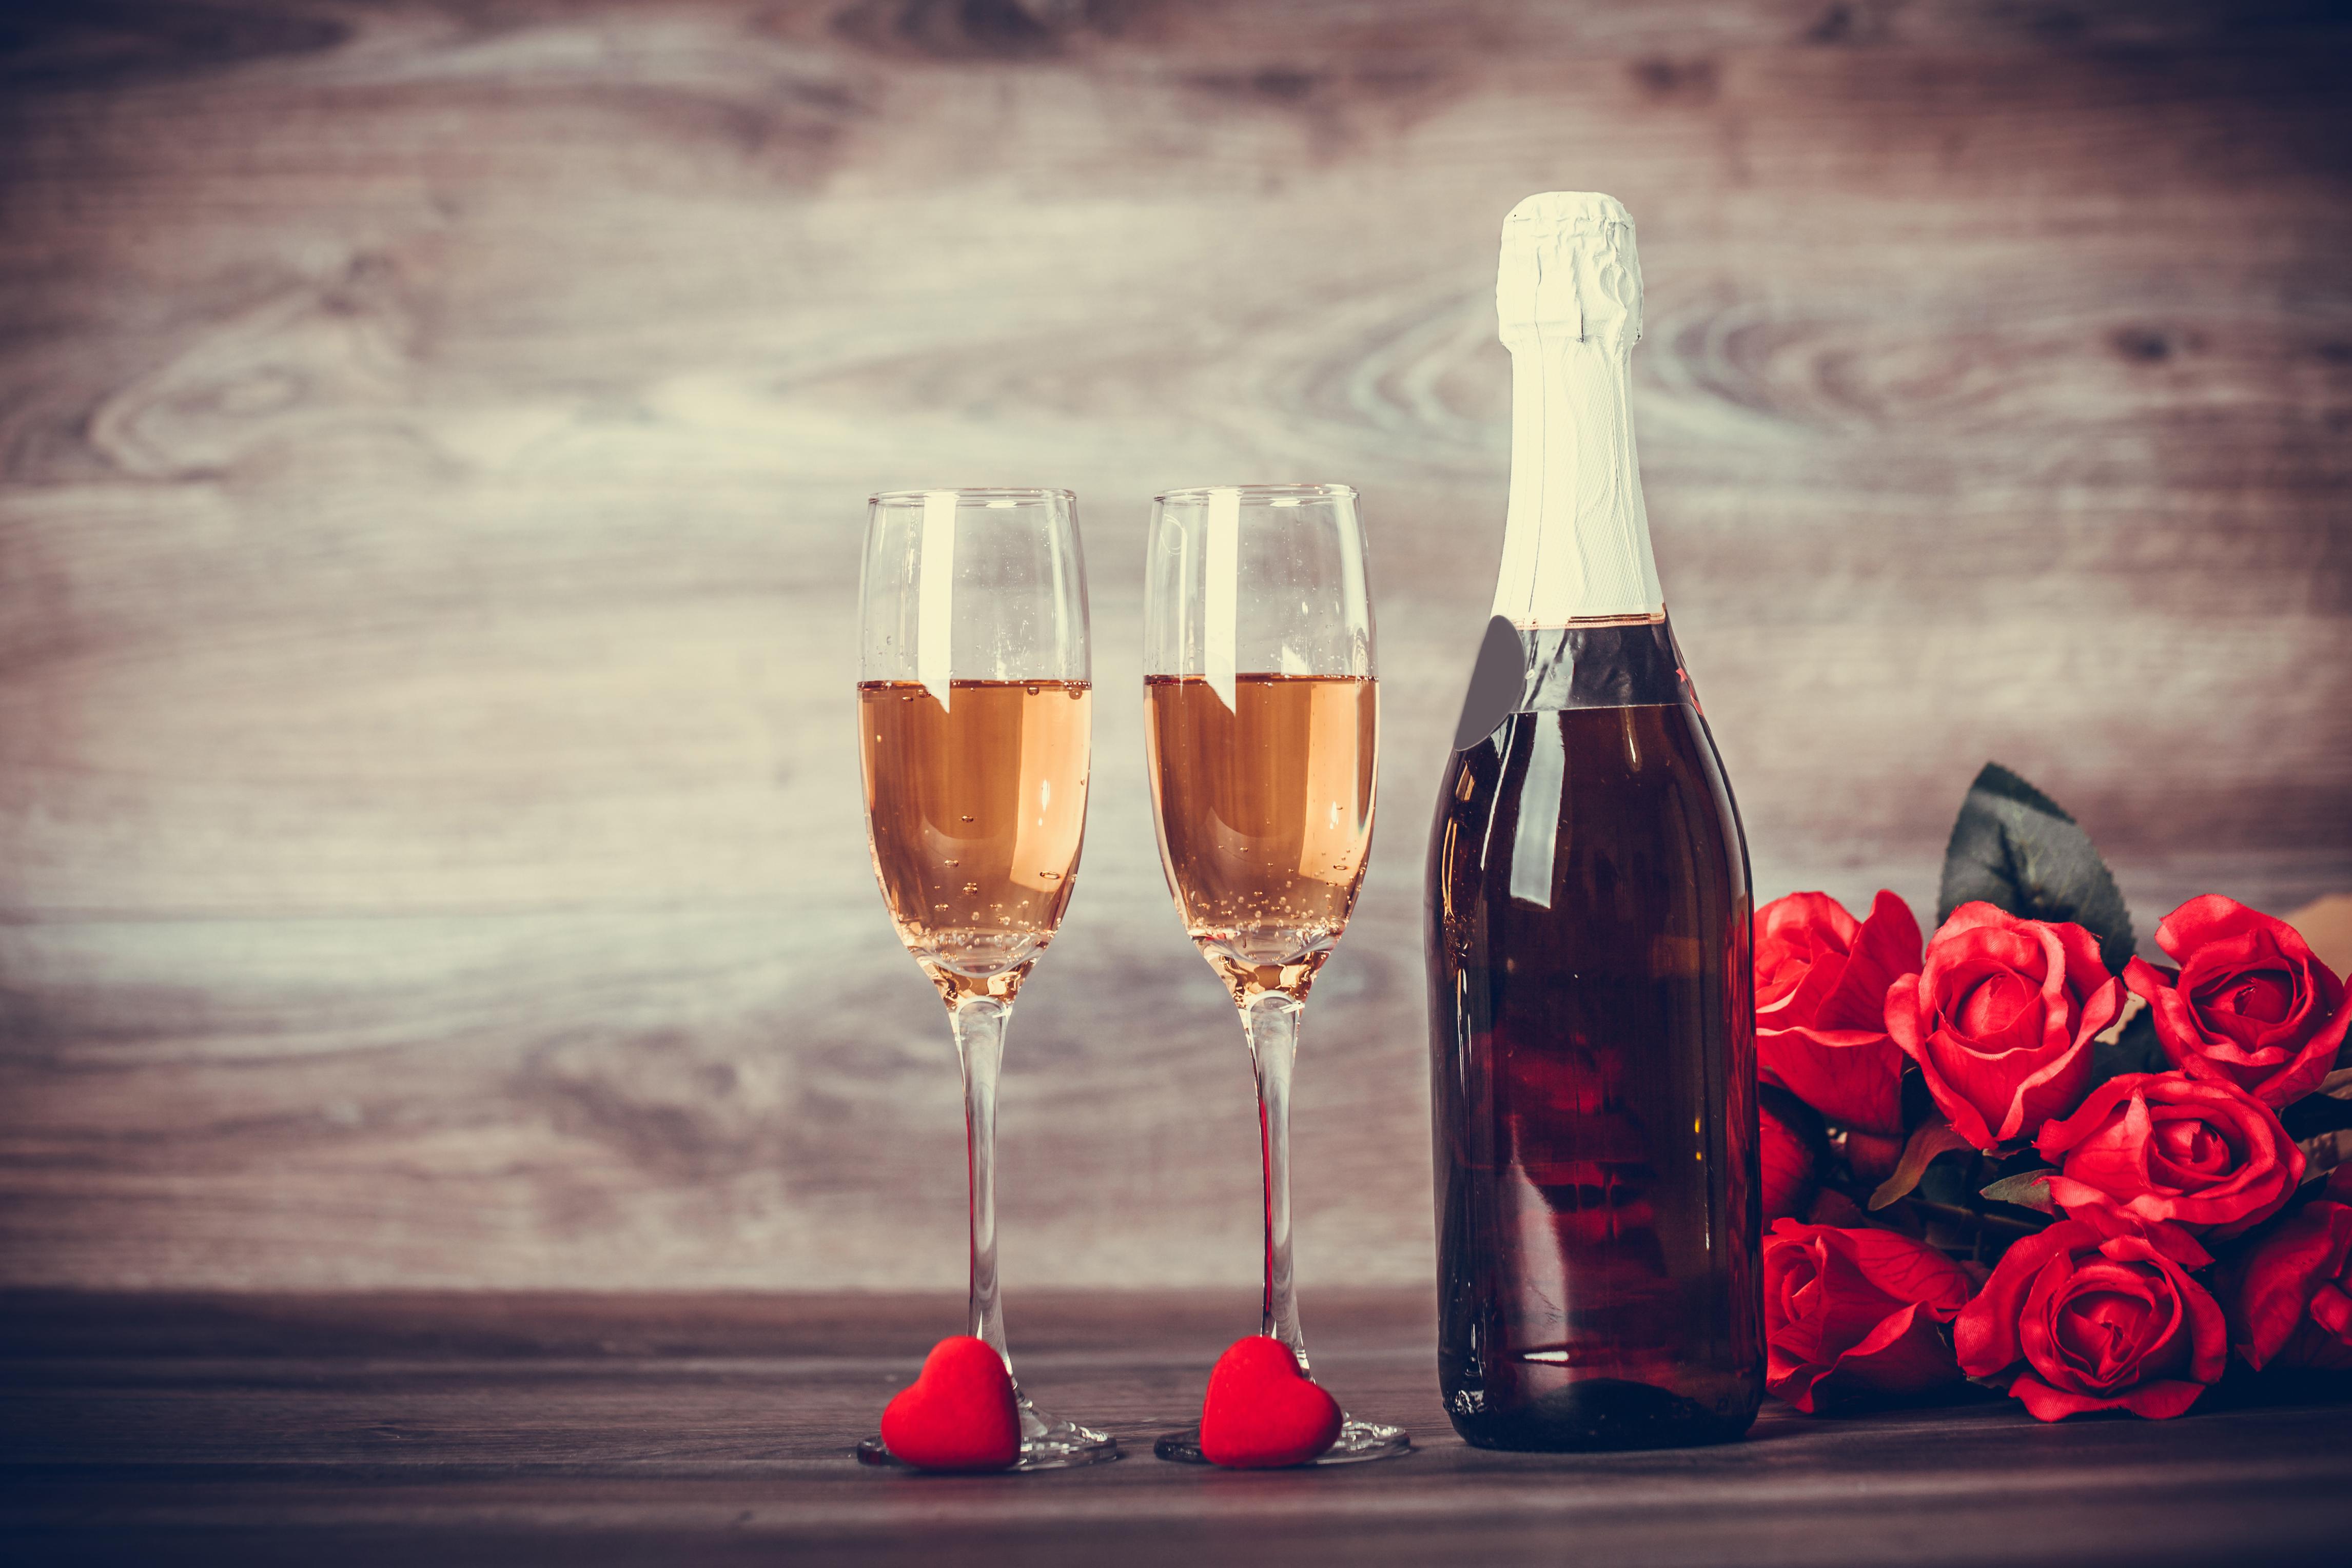 картинки красивые картинки вино и роза на столе популярные